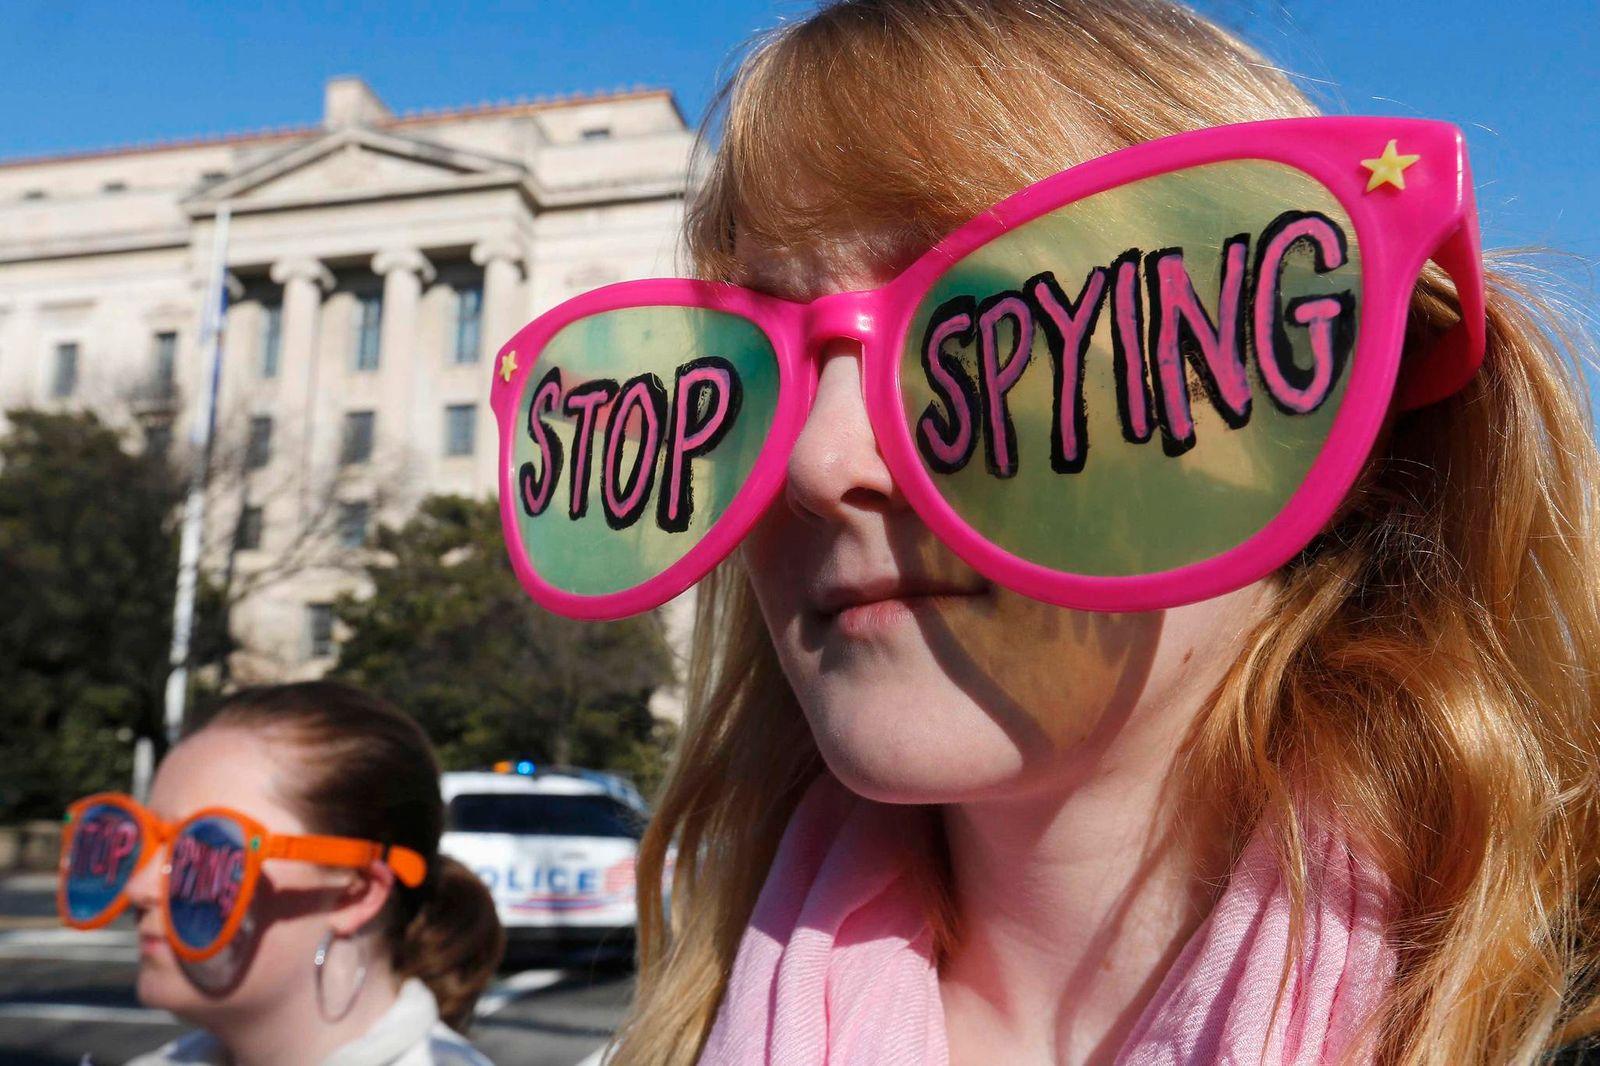 Vorratsdatenspeicherung-NSA-USA-Stop-Spying-Frau-Brille-Demonstration